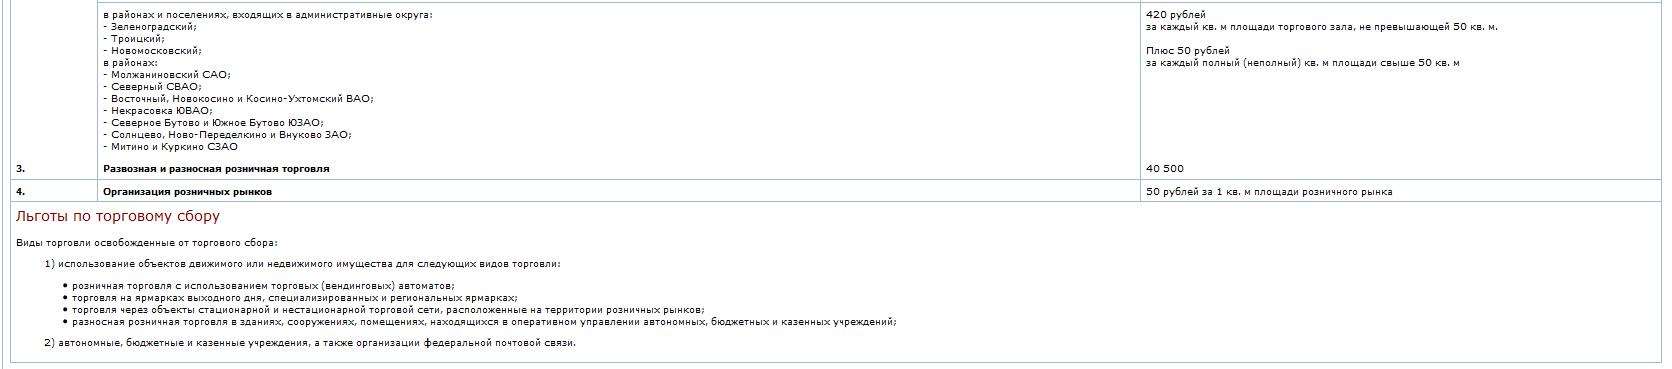 Ставки торгового сбора в Москве 2015